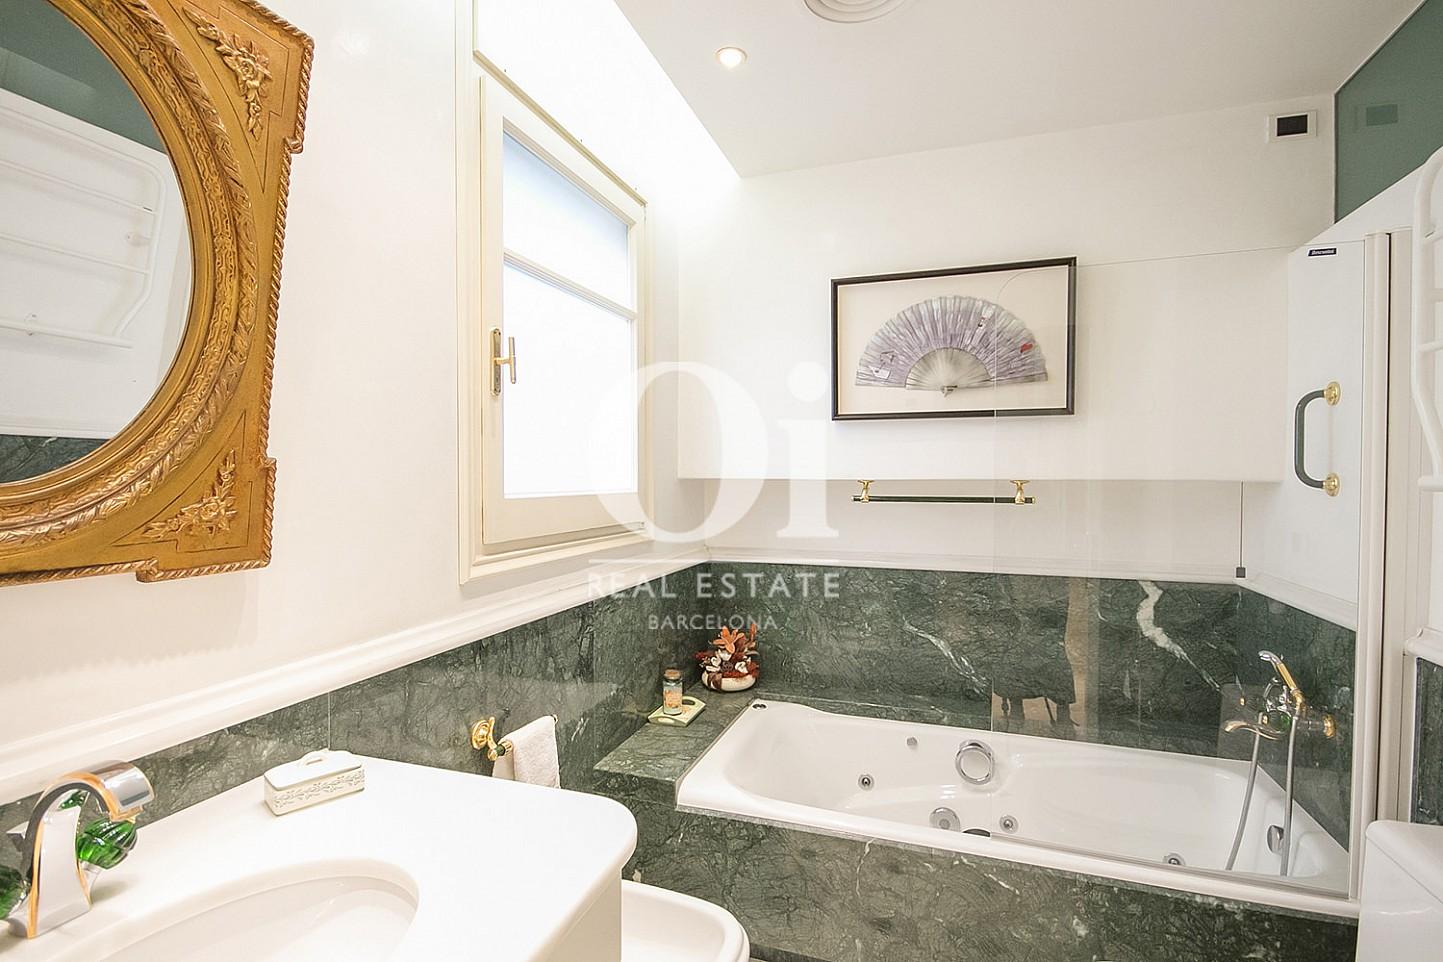 Très belle salle de bain complète dans une maison en vente à La Bonanova